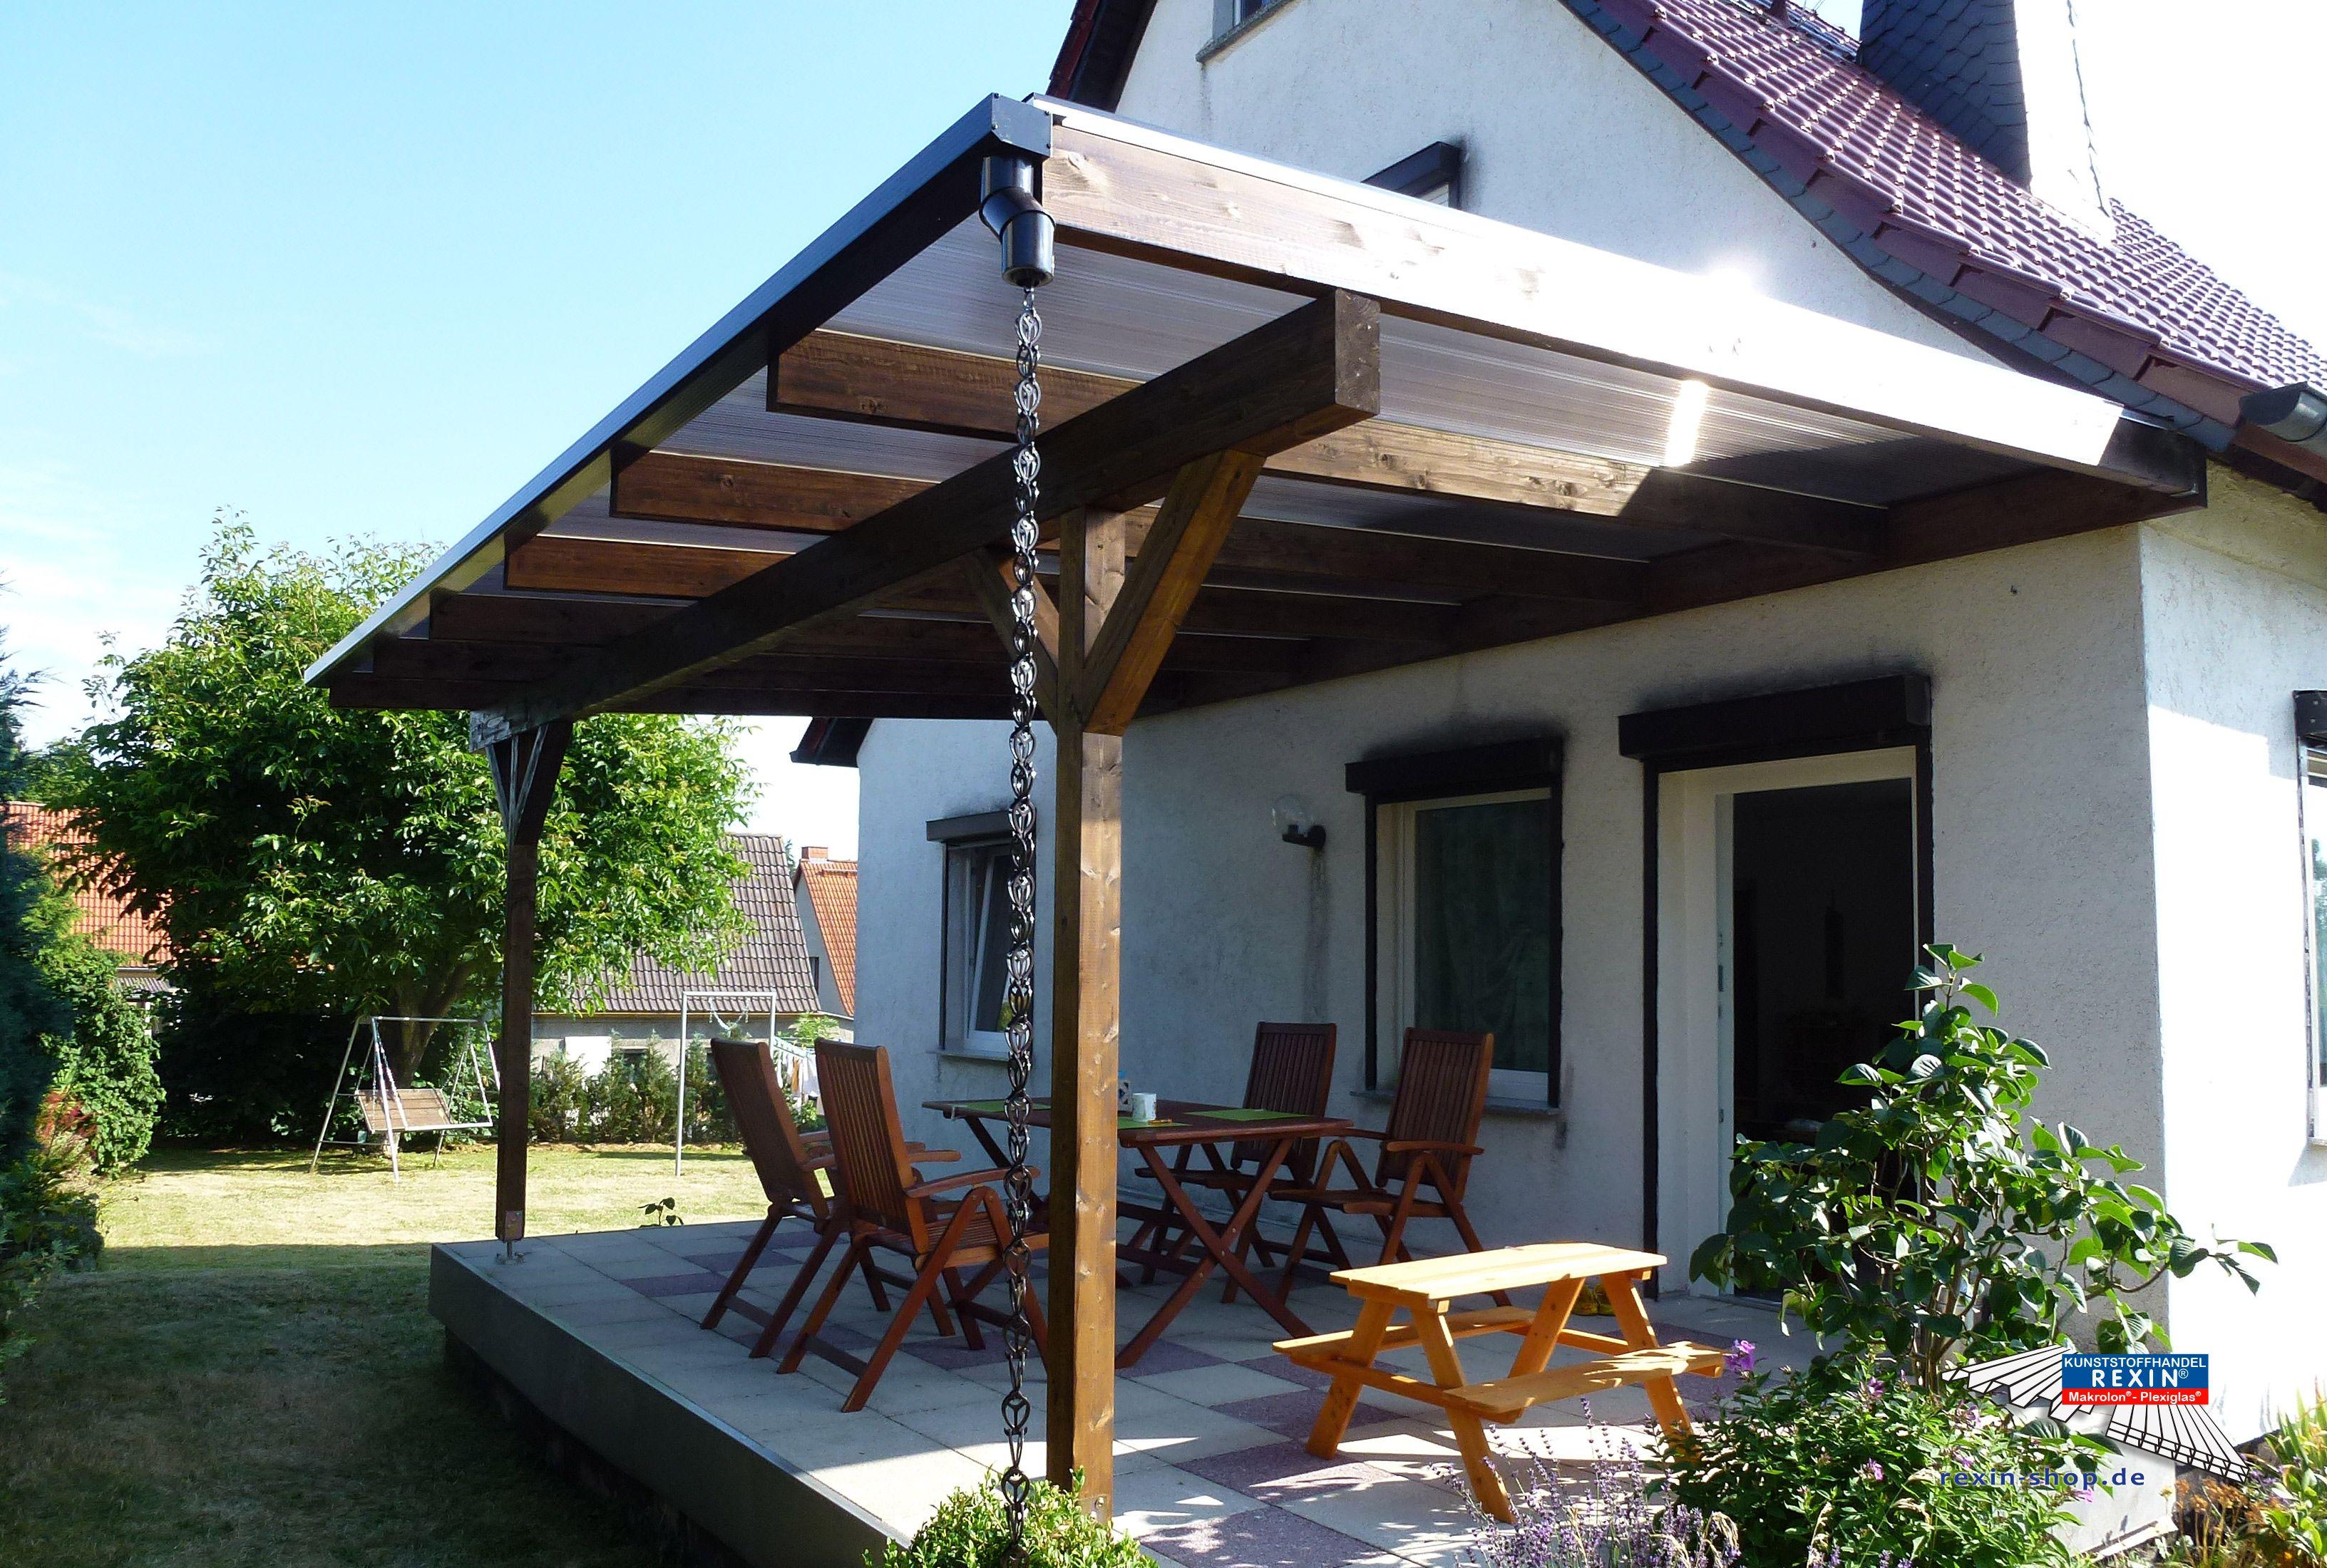 ein holz terrassendach der marke rexocomplete 6m x 4m mit stegplatten in bronze als farbe f. Black Bedroom Furniture Sets. Home Design Ideas